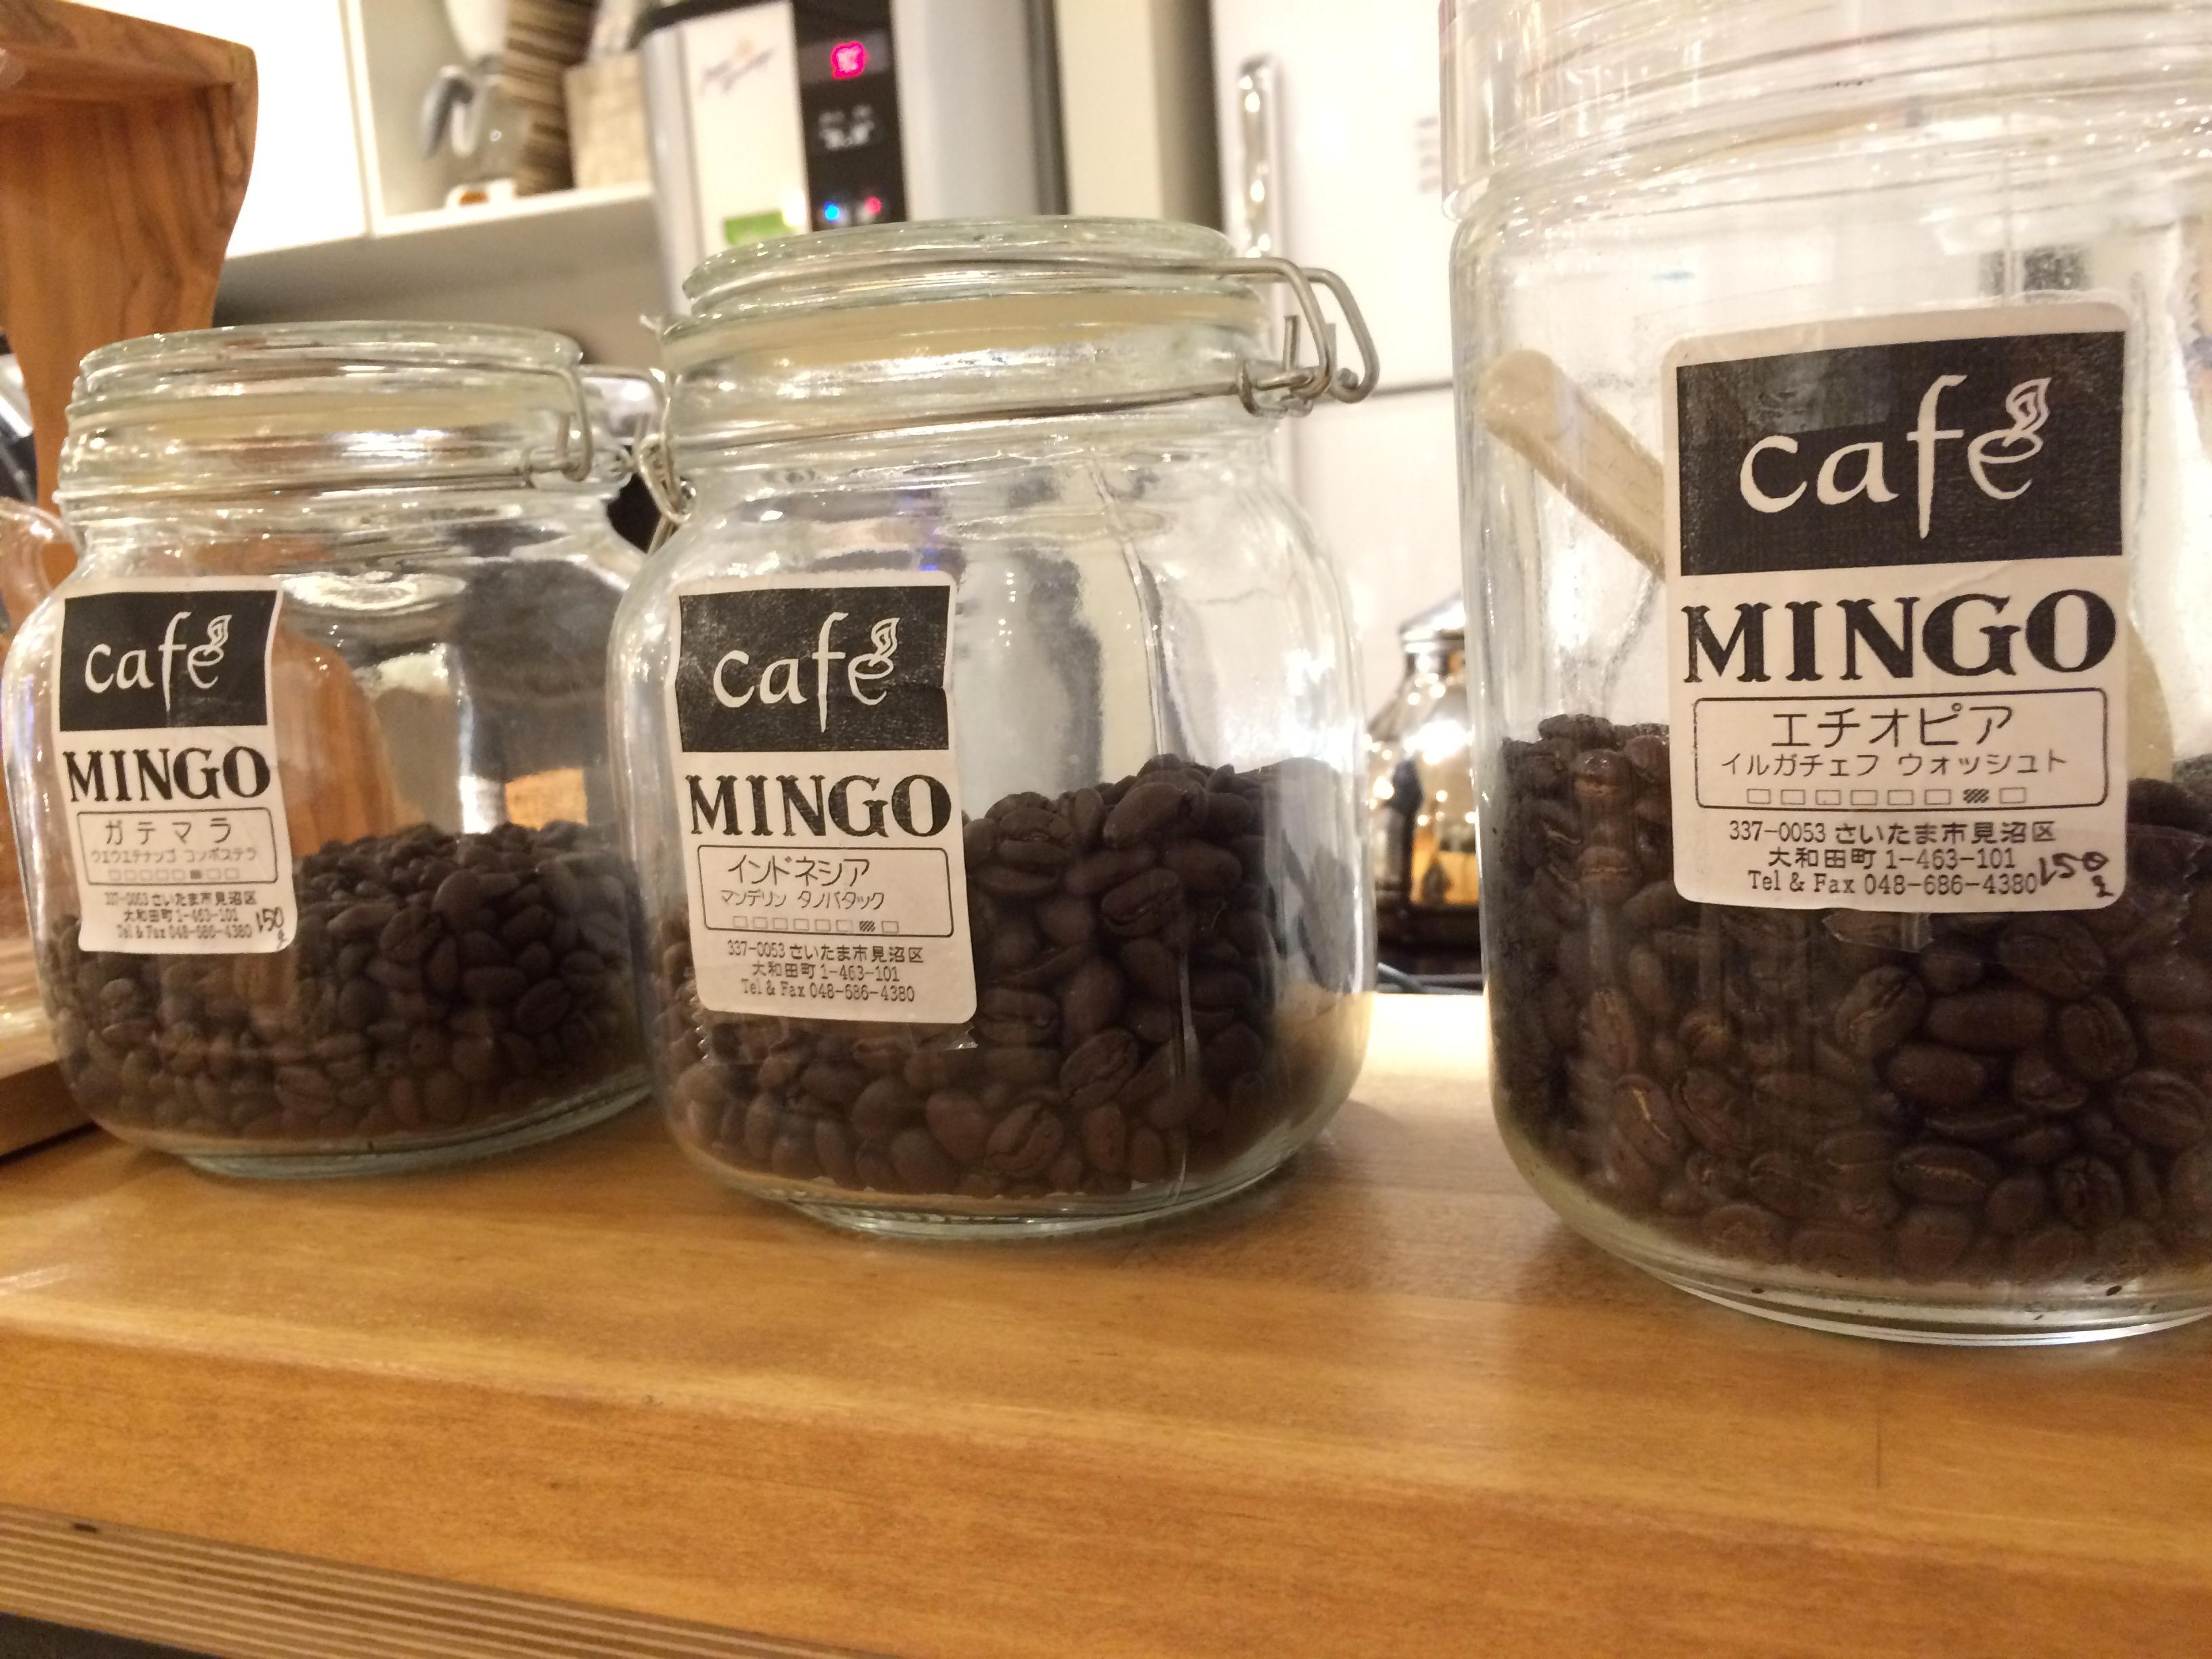 コワーキングスペース24にあるコーヒー豆イルガチェフェとマンデリンとウエウエテナンゴ